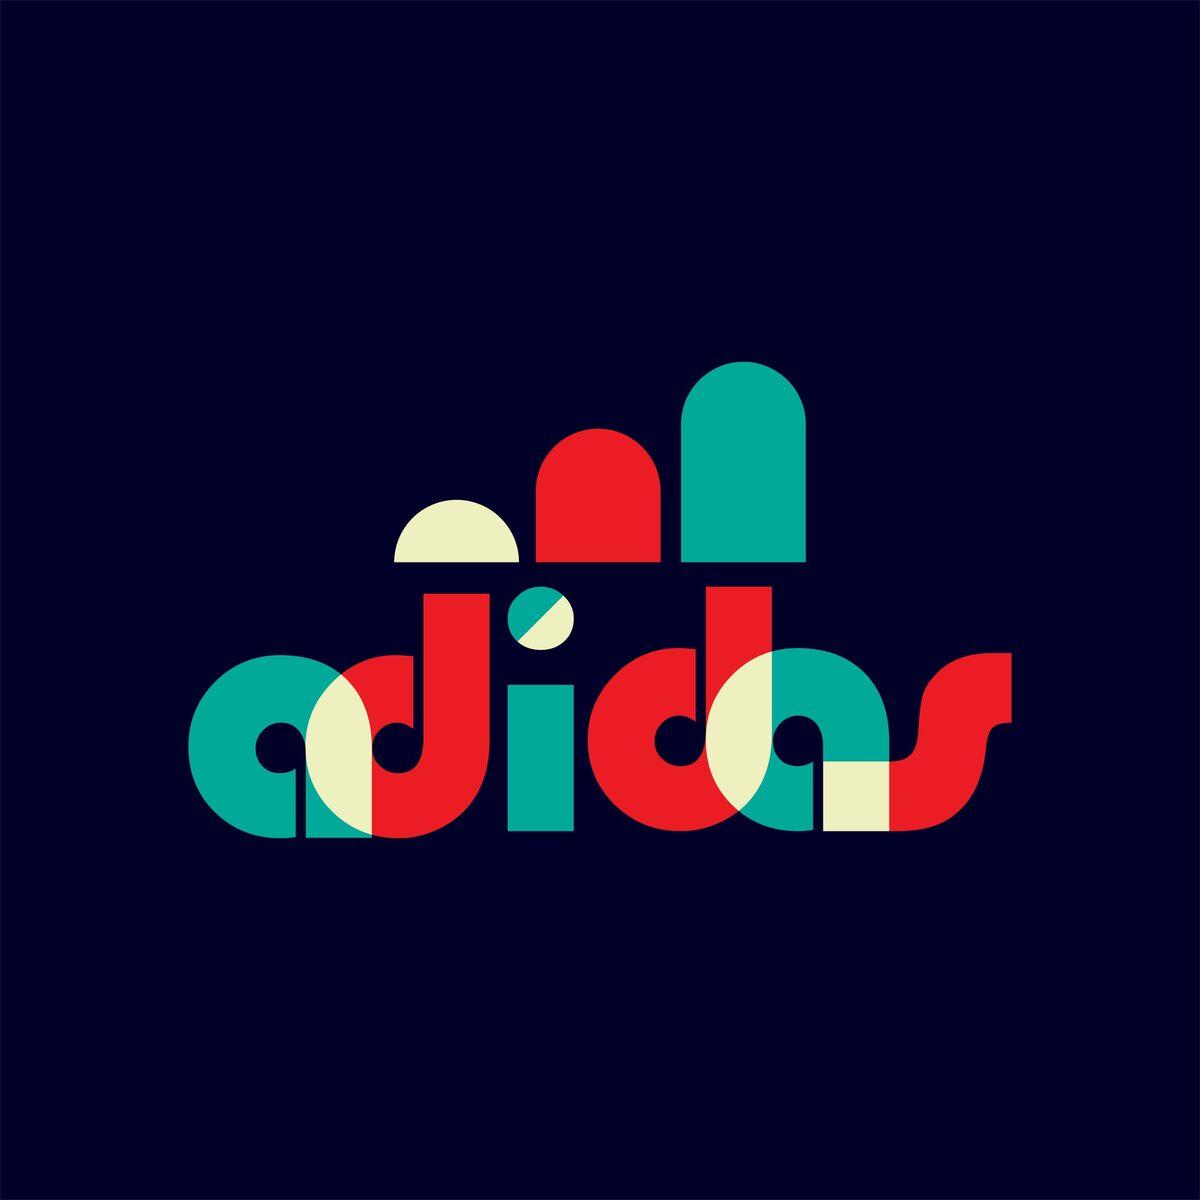 Design by Jaseng99. Courtesy of 99design.